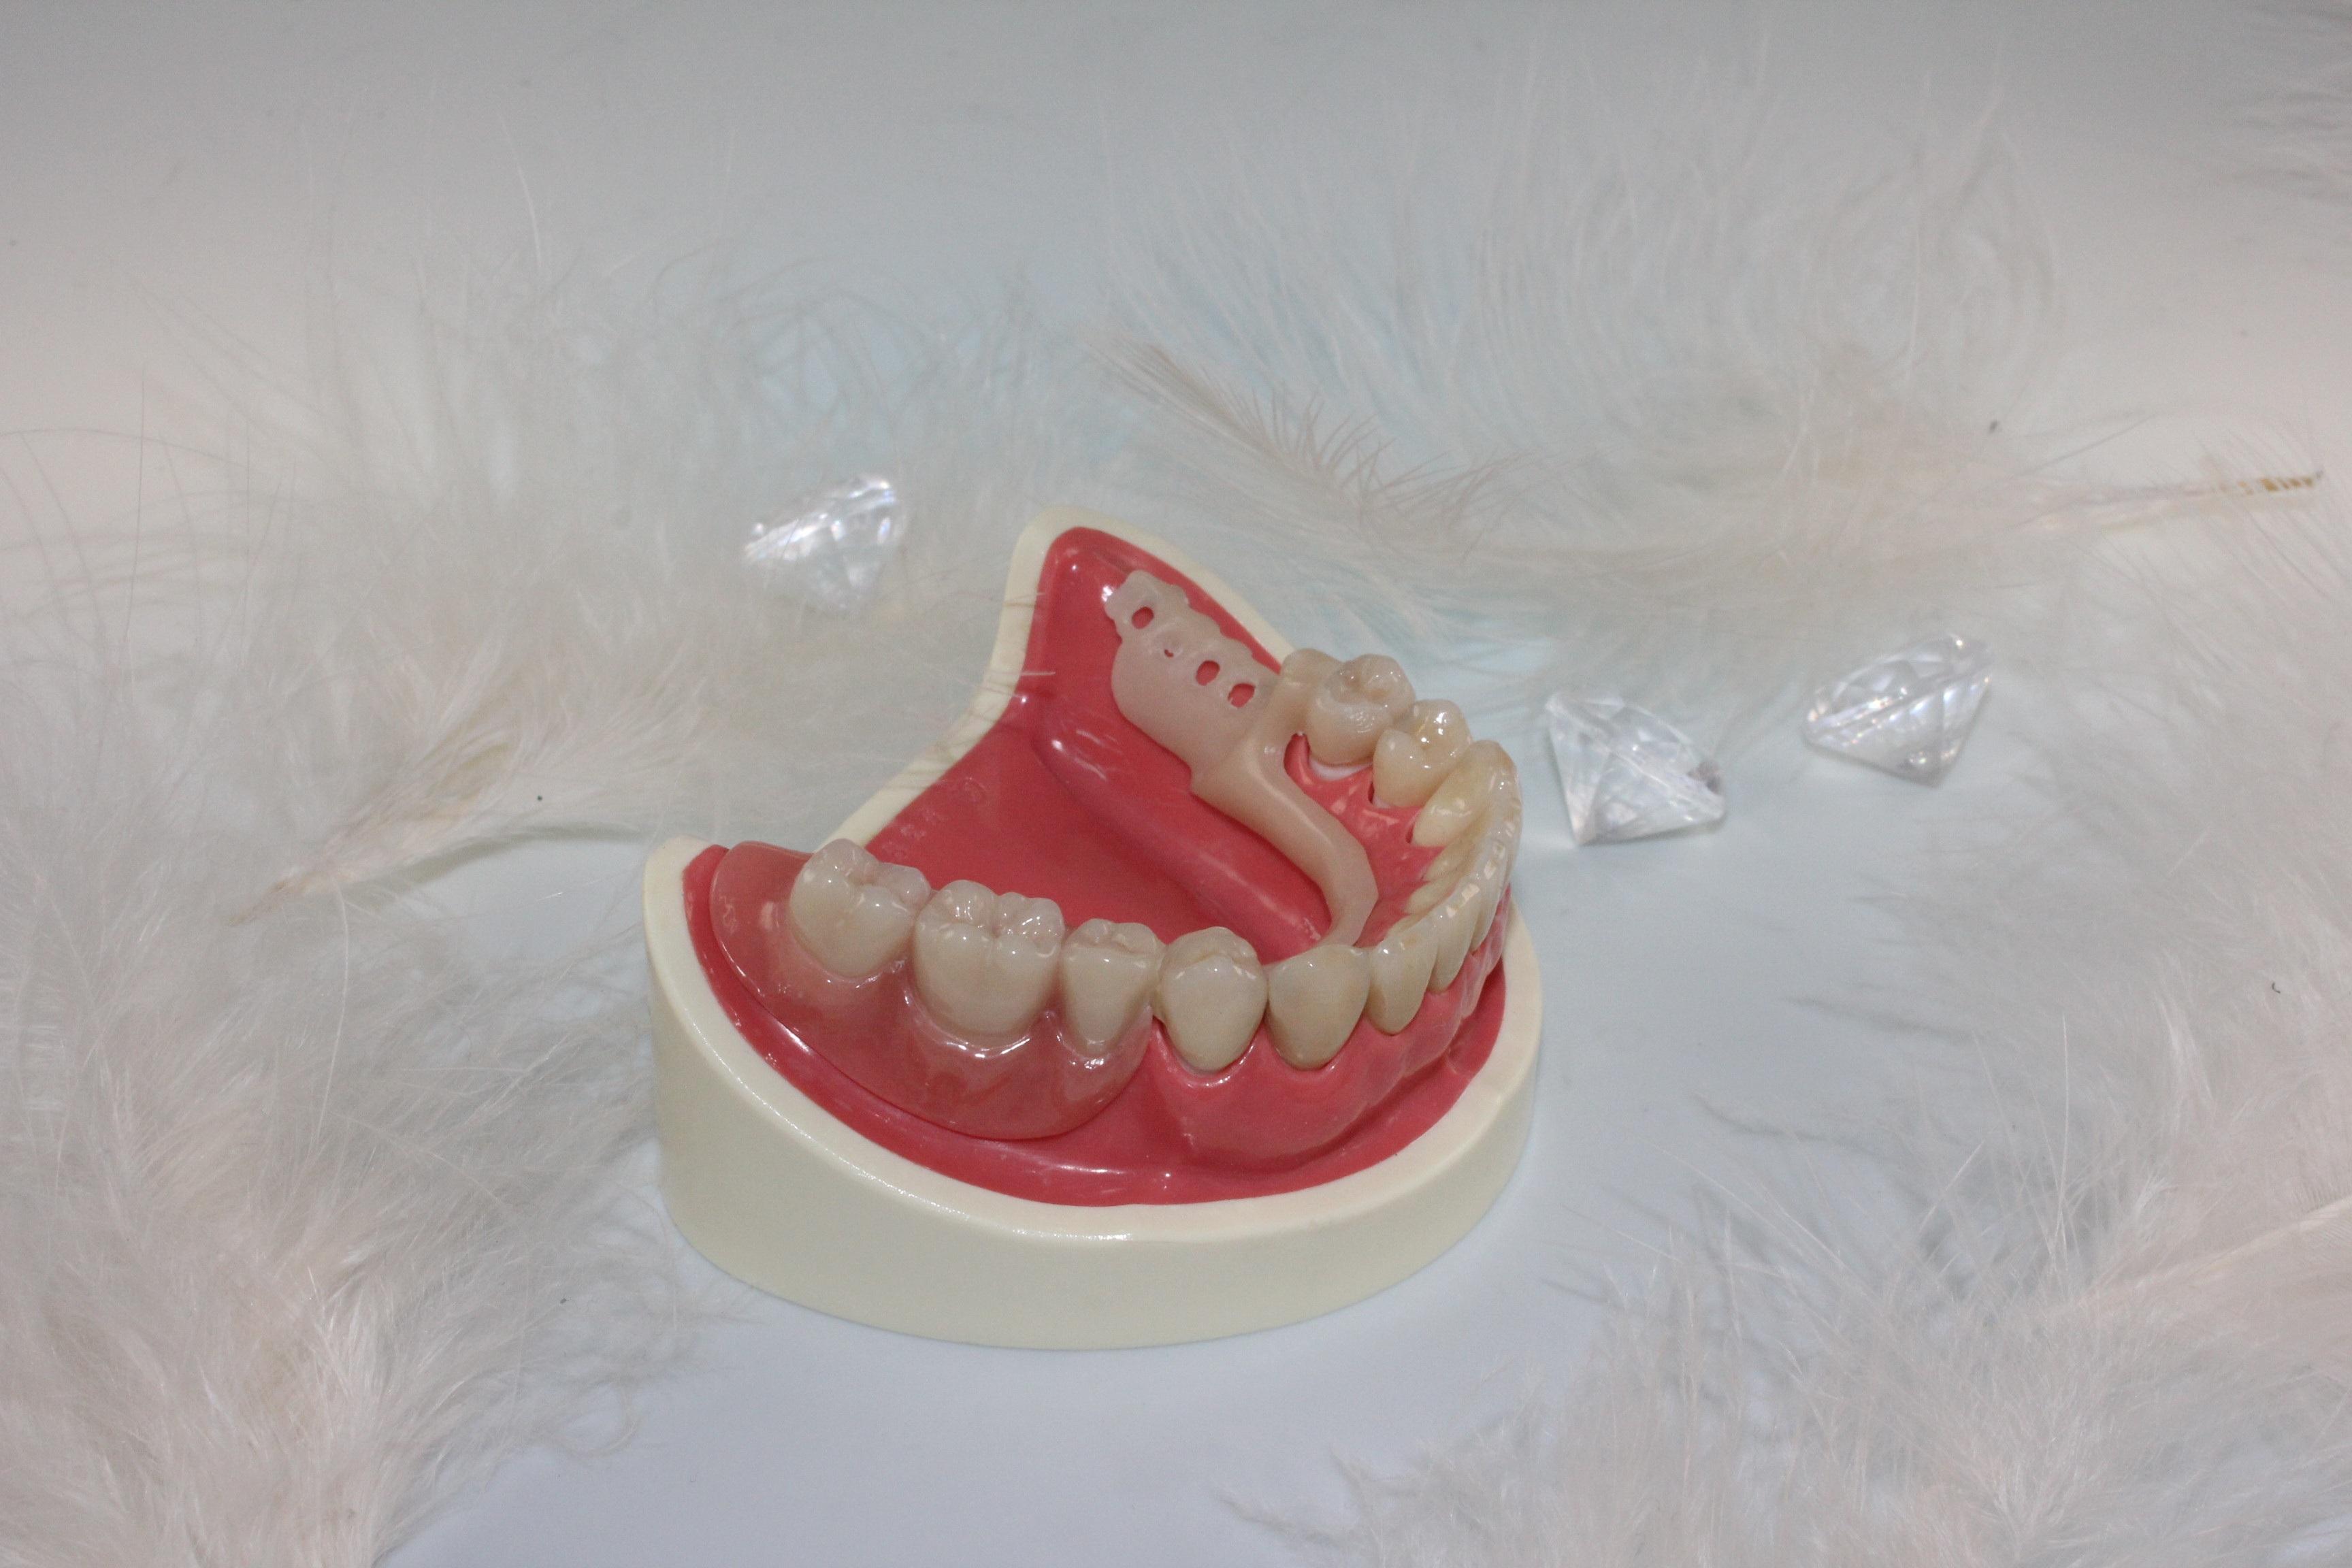 День зубного техника картинки прикольные, открытки дню